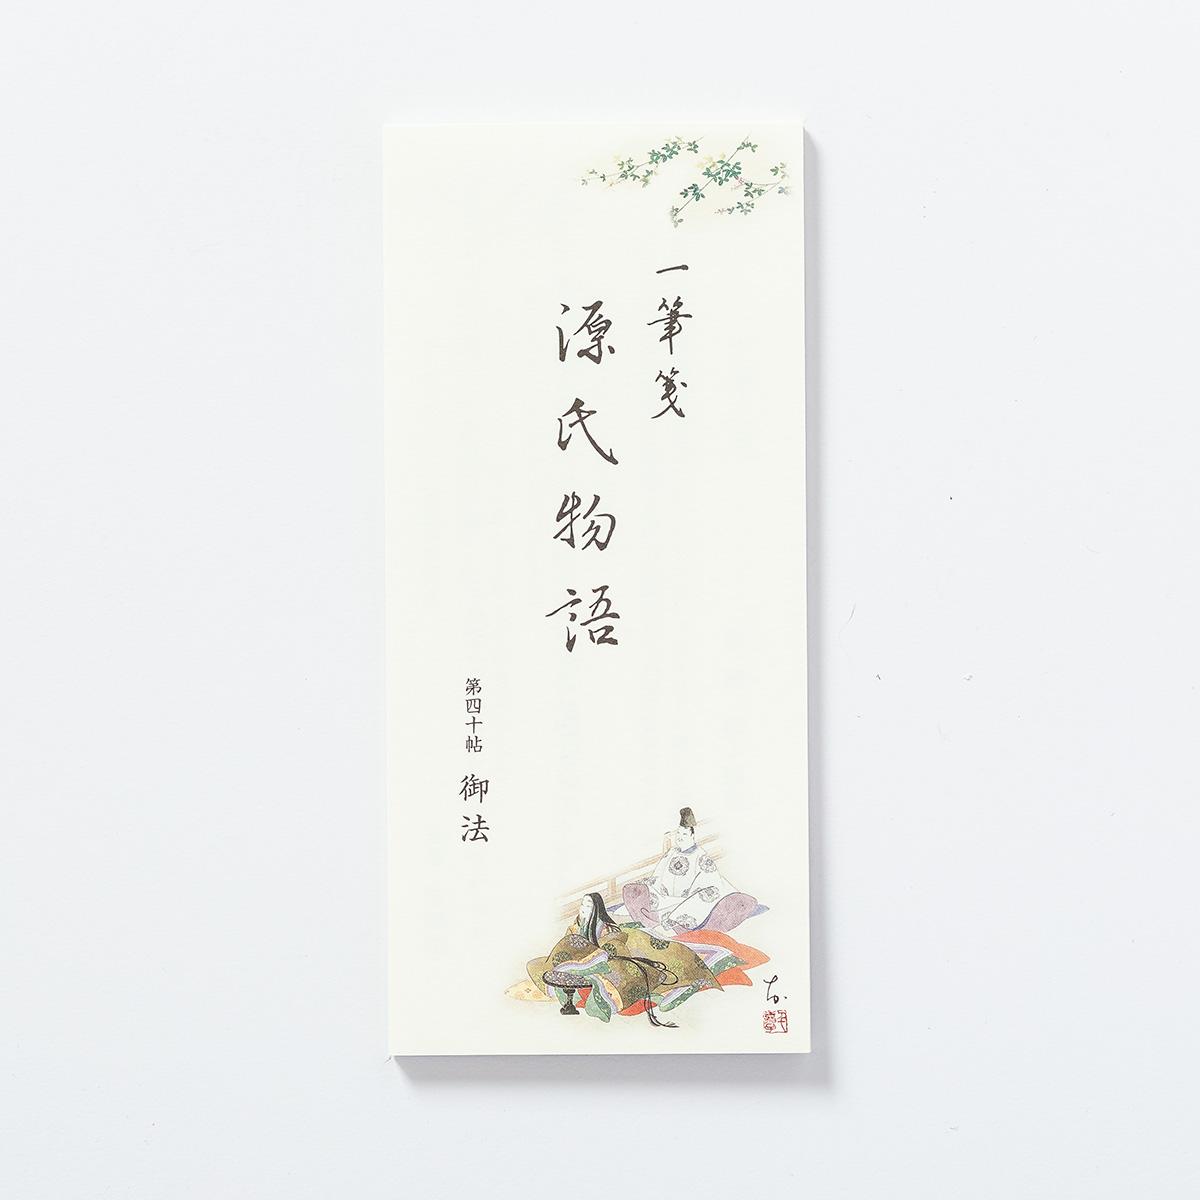 源氏物語一筆箋 第40帖「御法」